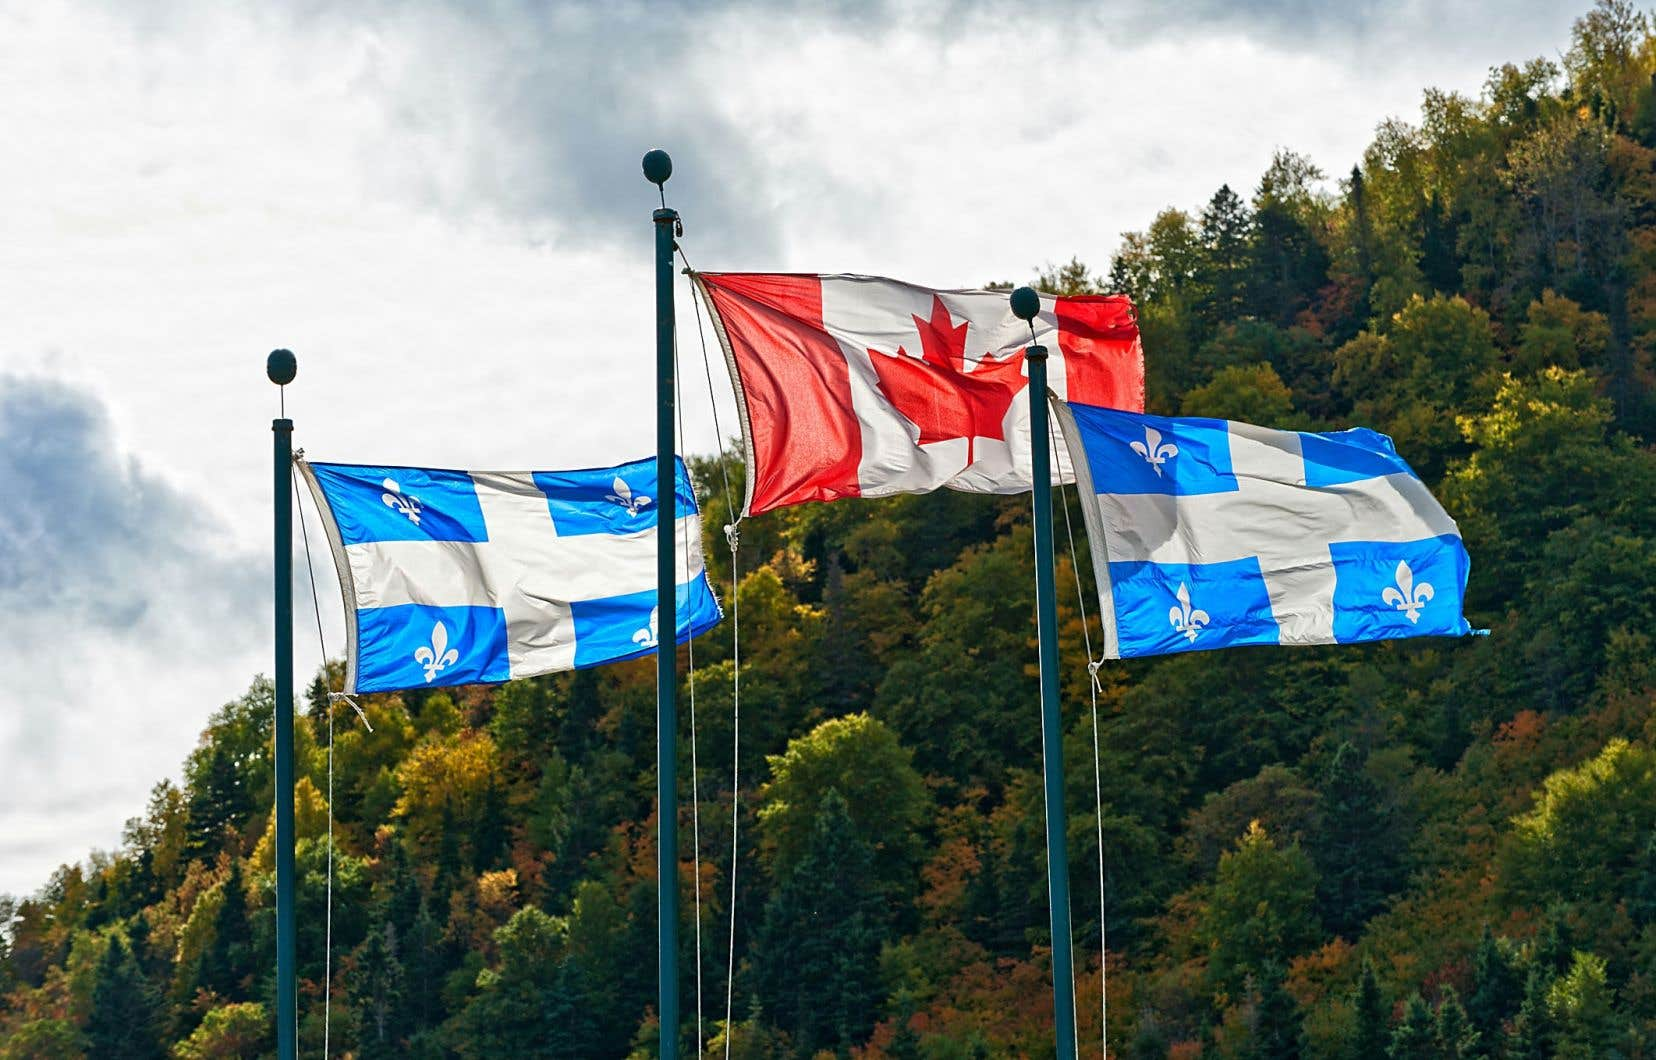 Le sommet annoncé pour 2020 devra donc nécessairement poser la question du régime linguistique canadien qui, jusqu'à présent, fragilise la solidarité pourtant naturelle entre le Québec et les francophones hors Québec (FHQ).